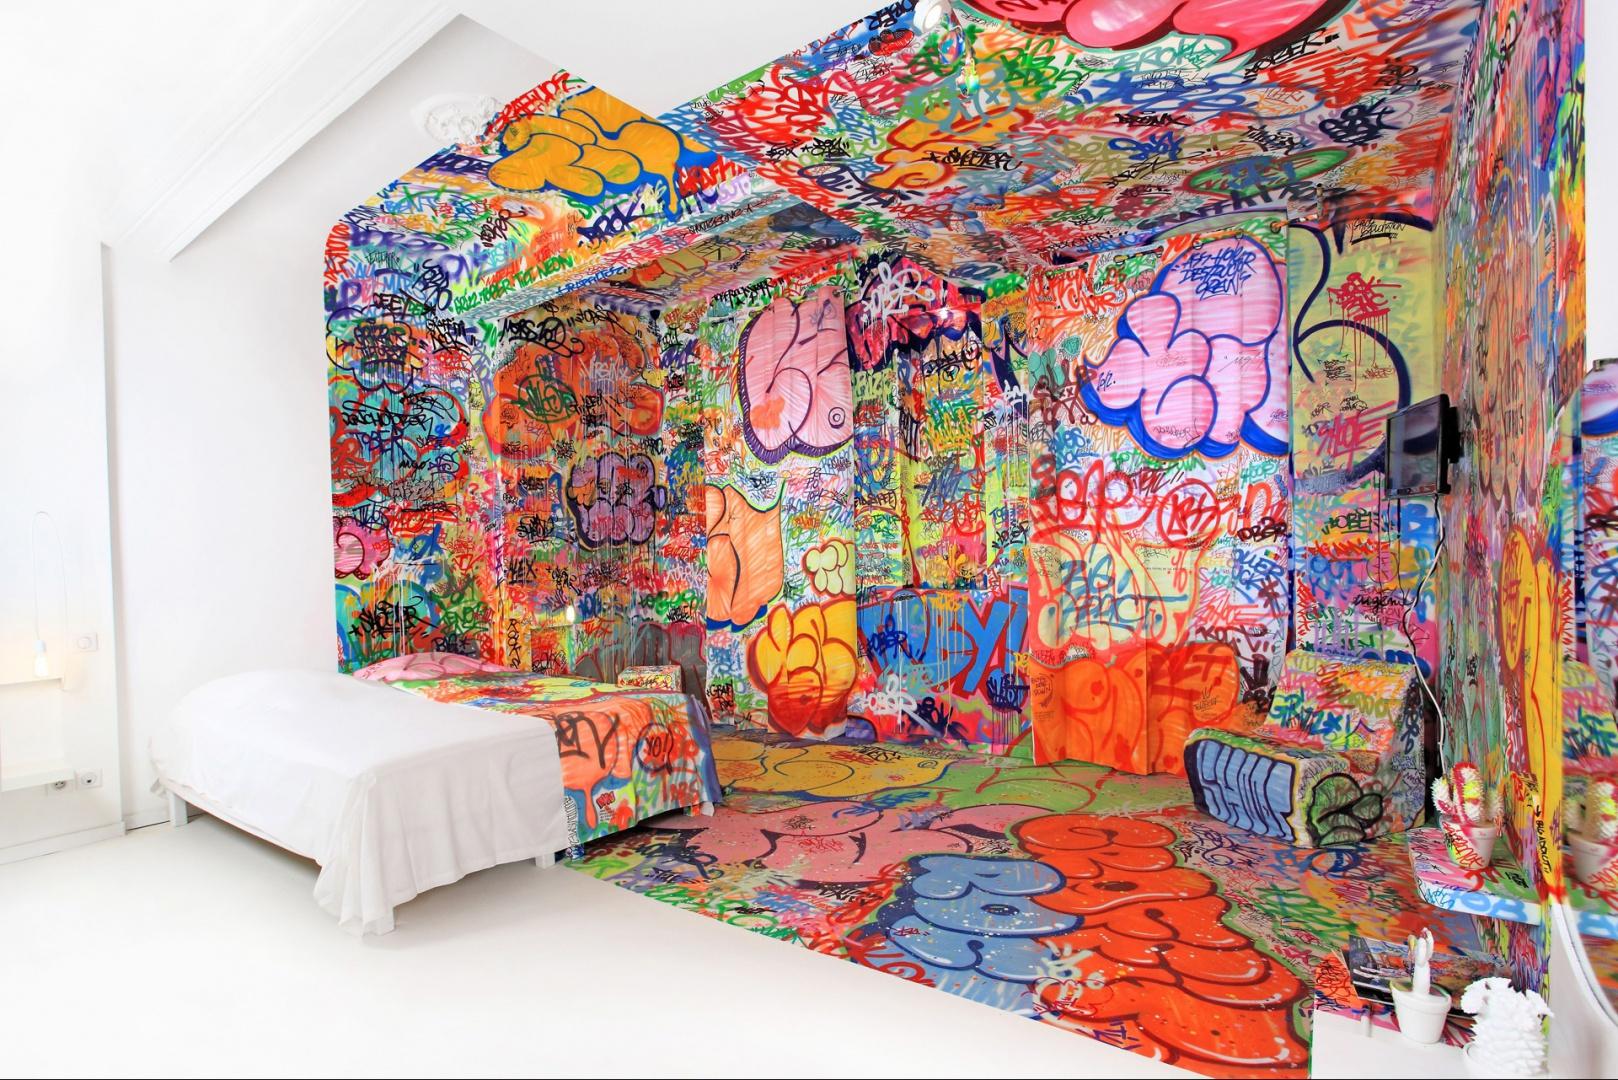 Symetrycznie podzielony pokój na dwie, kontrastowe części to pomysł artystów graffiti. Tilit. Kolorowe, żywiołowe graffiti w zestawieniu z czystą, spokojną bielą tworzy wyjątkowe wnętrze. Proj.Tilt.Fot.Au Vieux Panier.